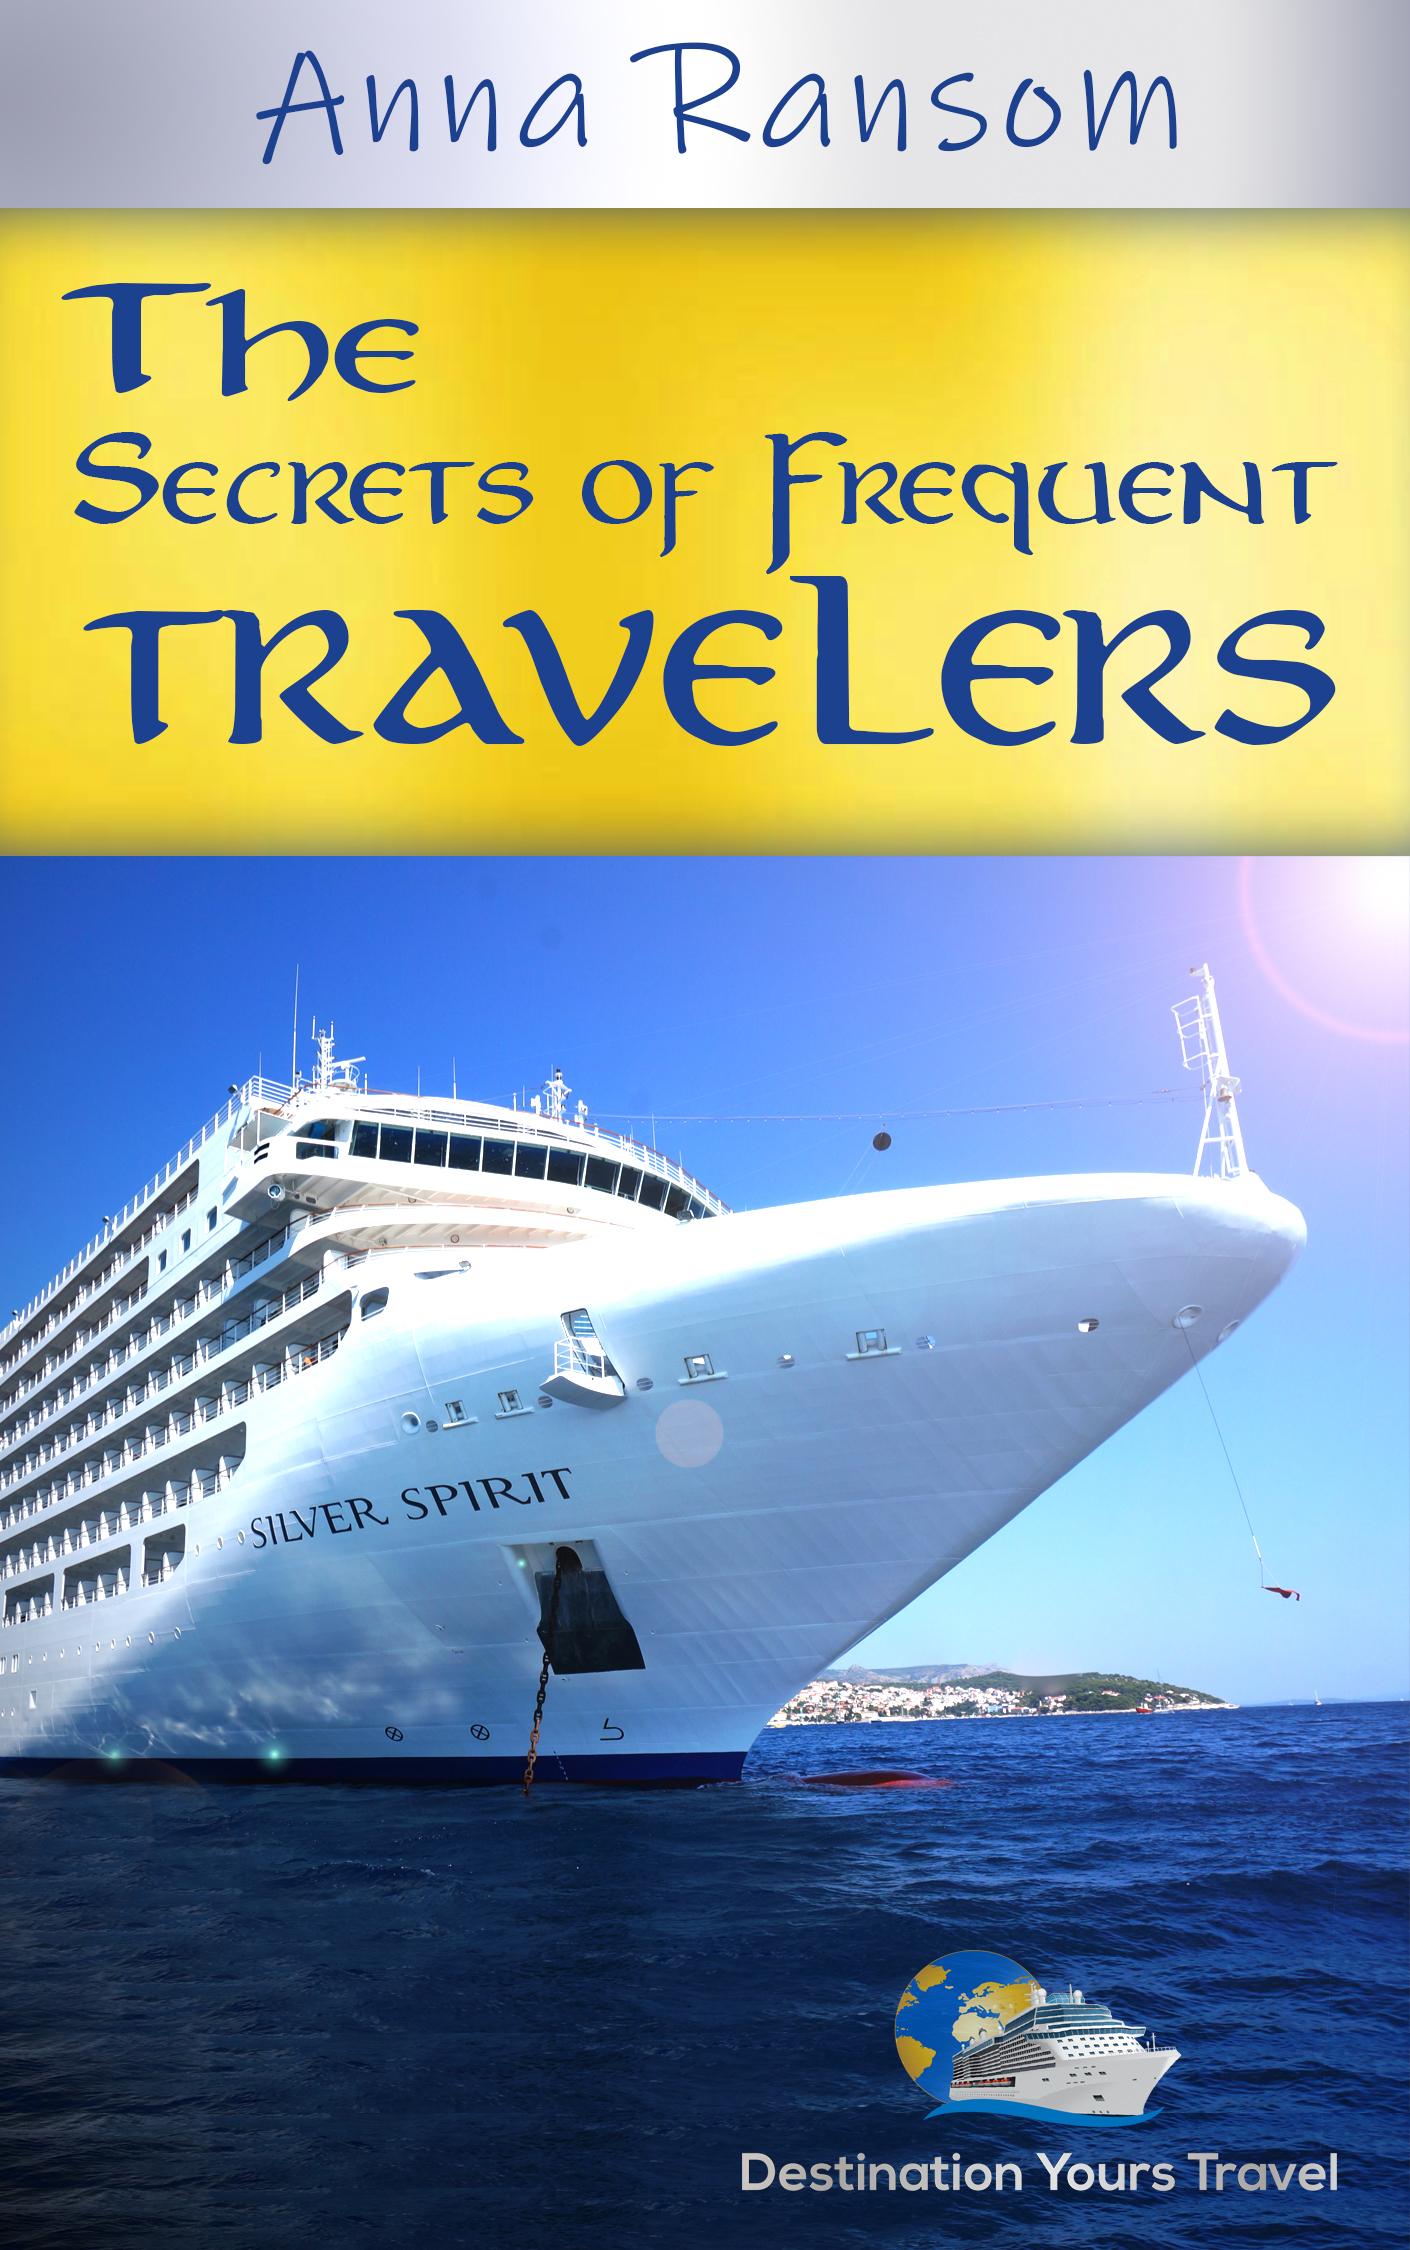 secrets of traveler front.jpg